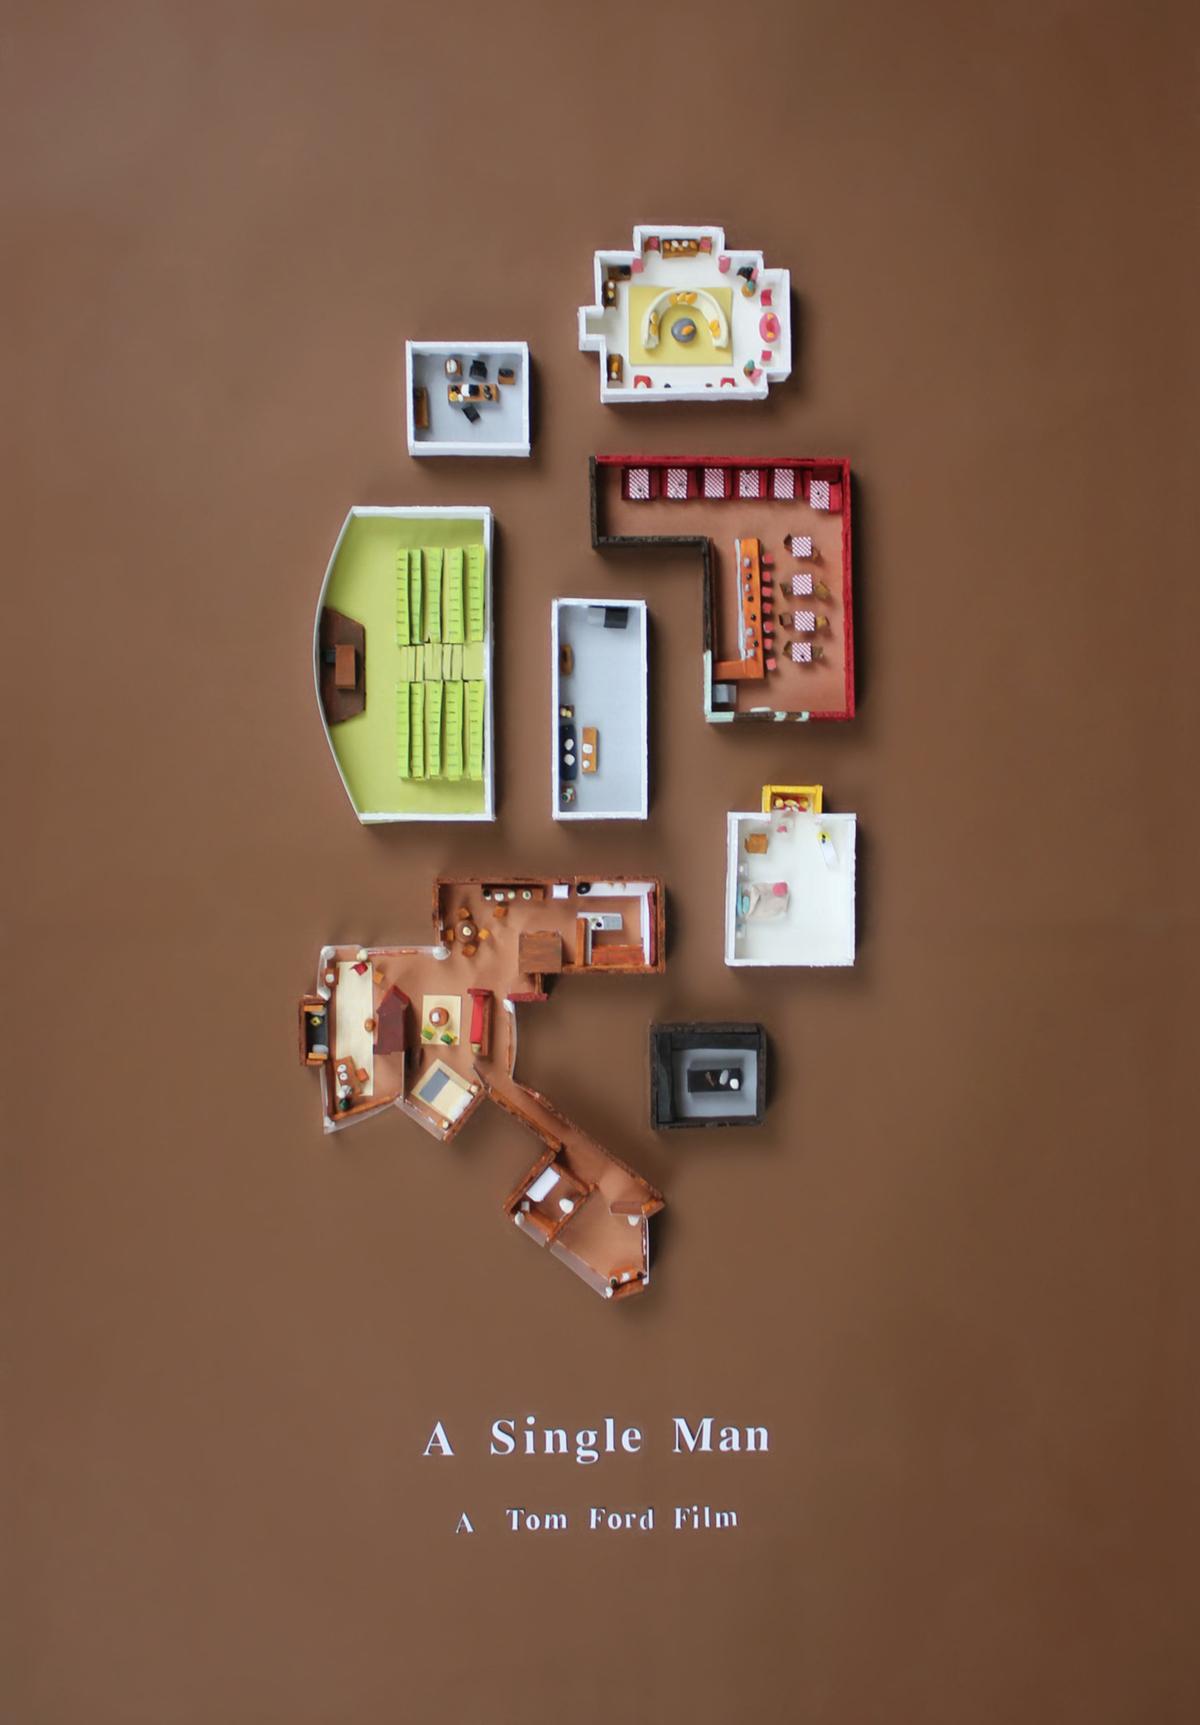 A Single Man poster by Jordan Bolton